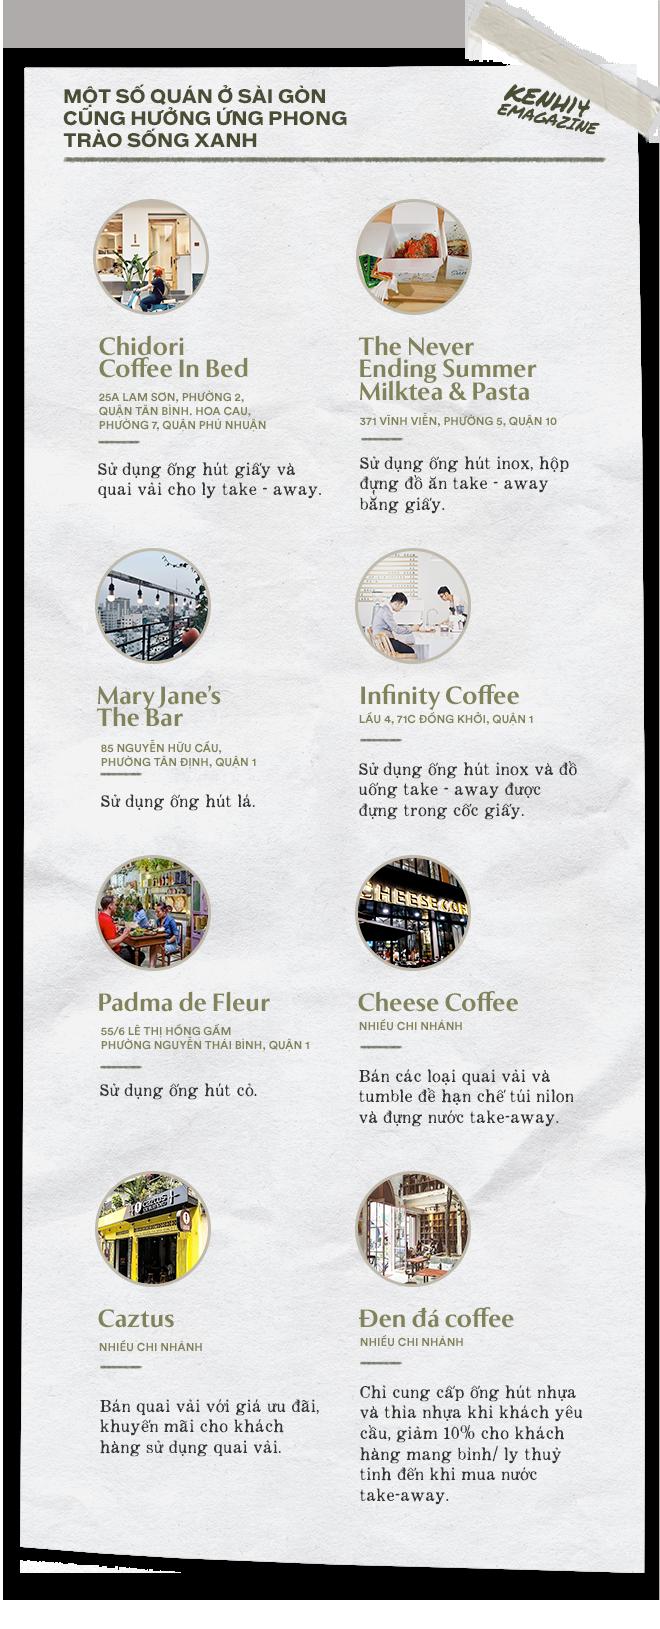 Loạt quán xá Hà Nội/ Sài Gòn hưởng ứng phong trào sống xanh: Thay đổi từ chính thói quen đi cafe của các bạn trẻ - Ảnh 17.